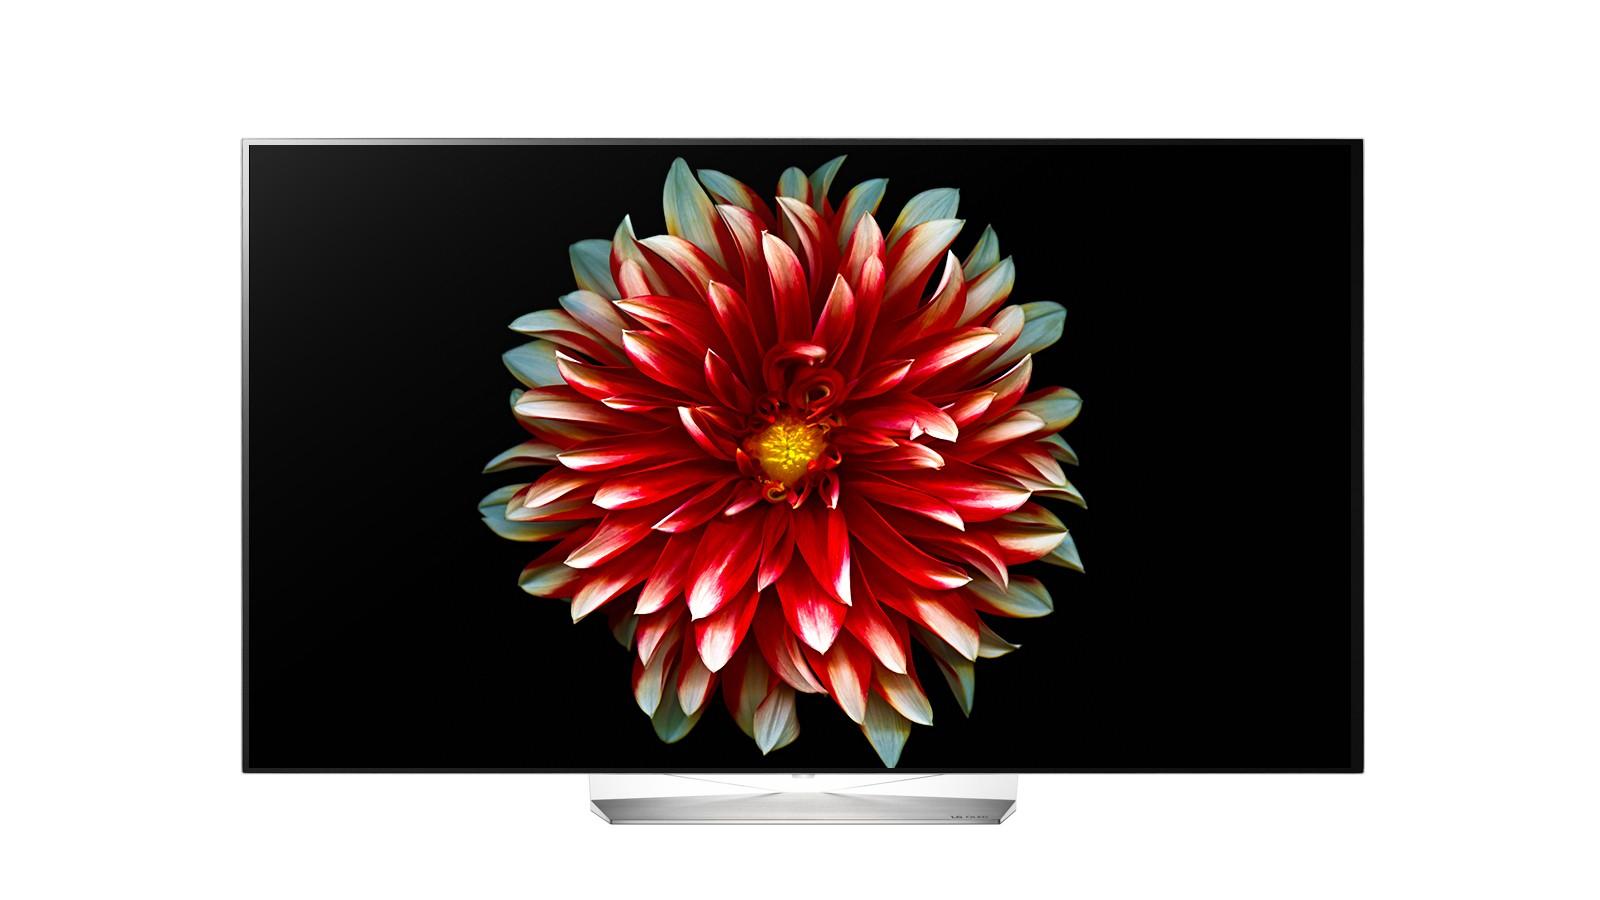 TV OLED LG 55EG9A7V FHD